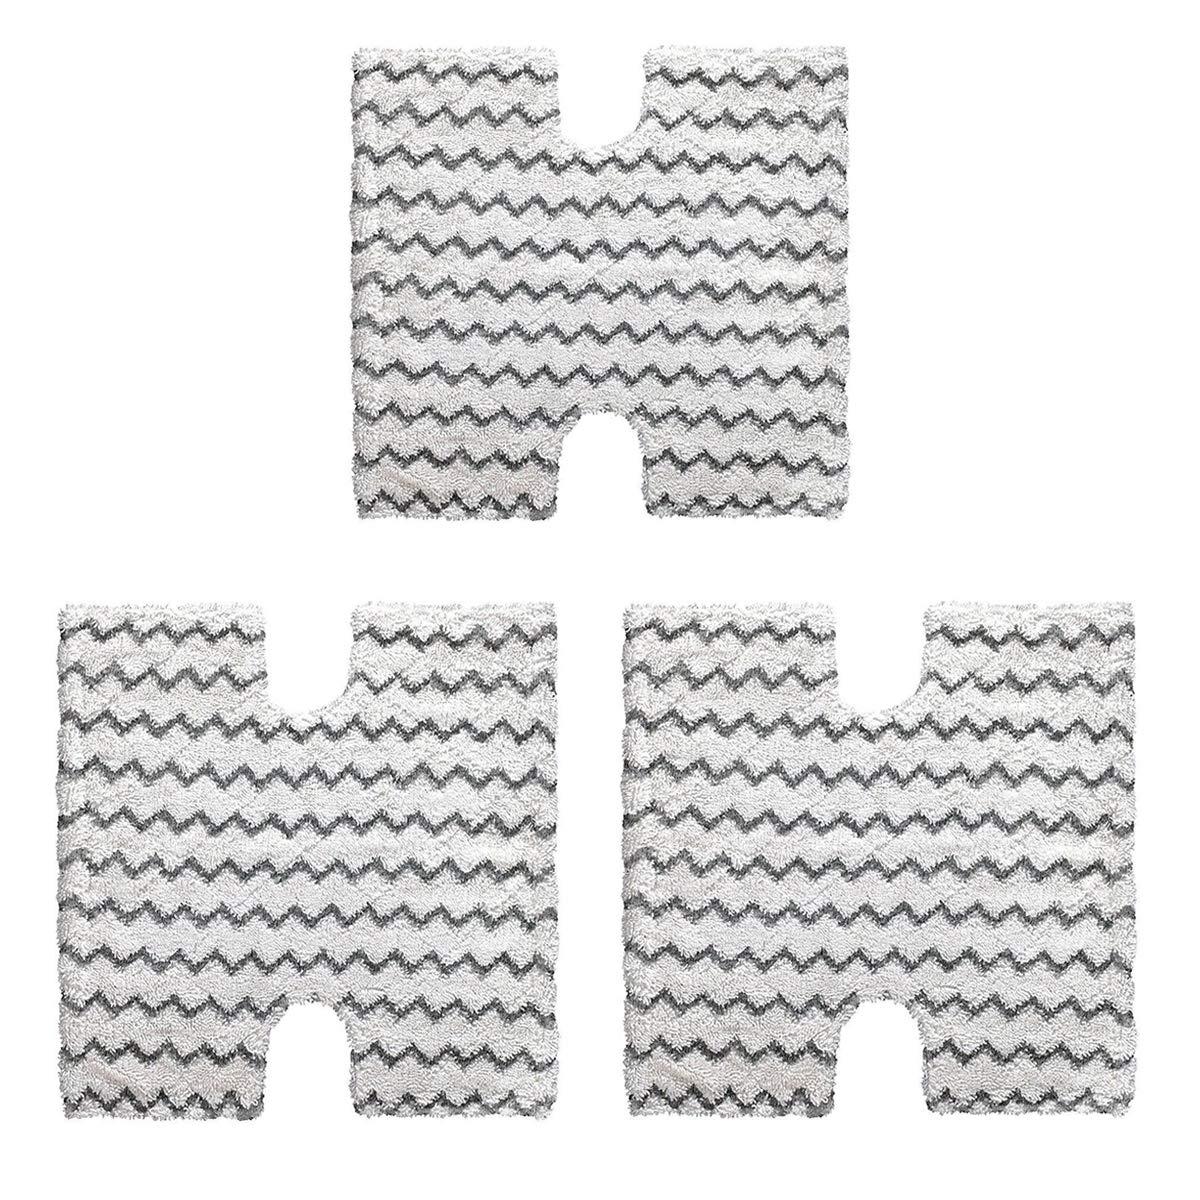 Adouiry Replace Shark Steam Cleaner Mop Pads for Shark Lift-Away Genius Steam Pocket Mop S3973D S6002 S5003D S6001 S6003 S5001 S5002 S3973WM (3 Pack)